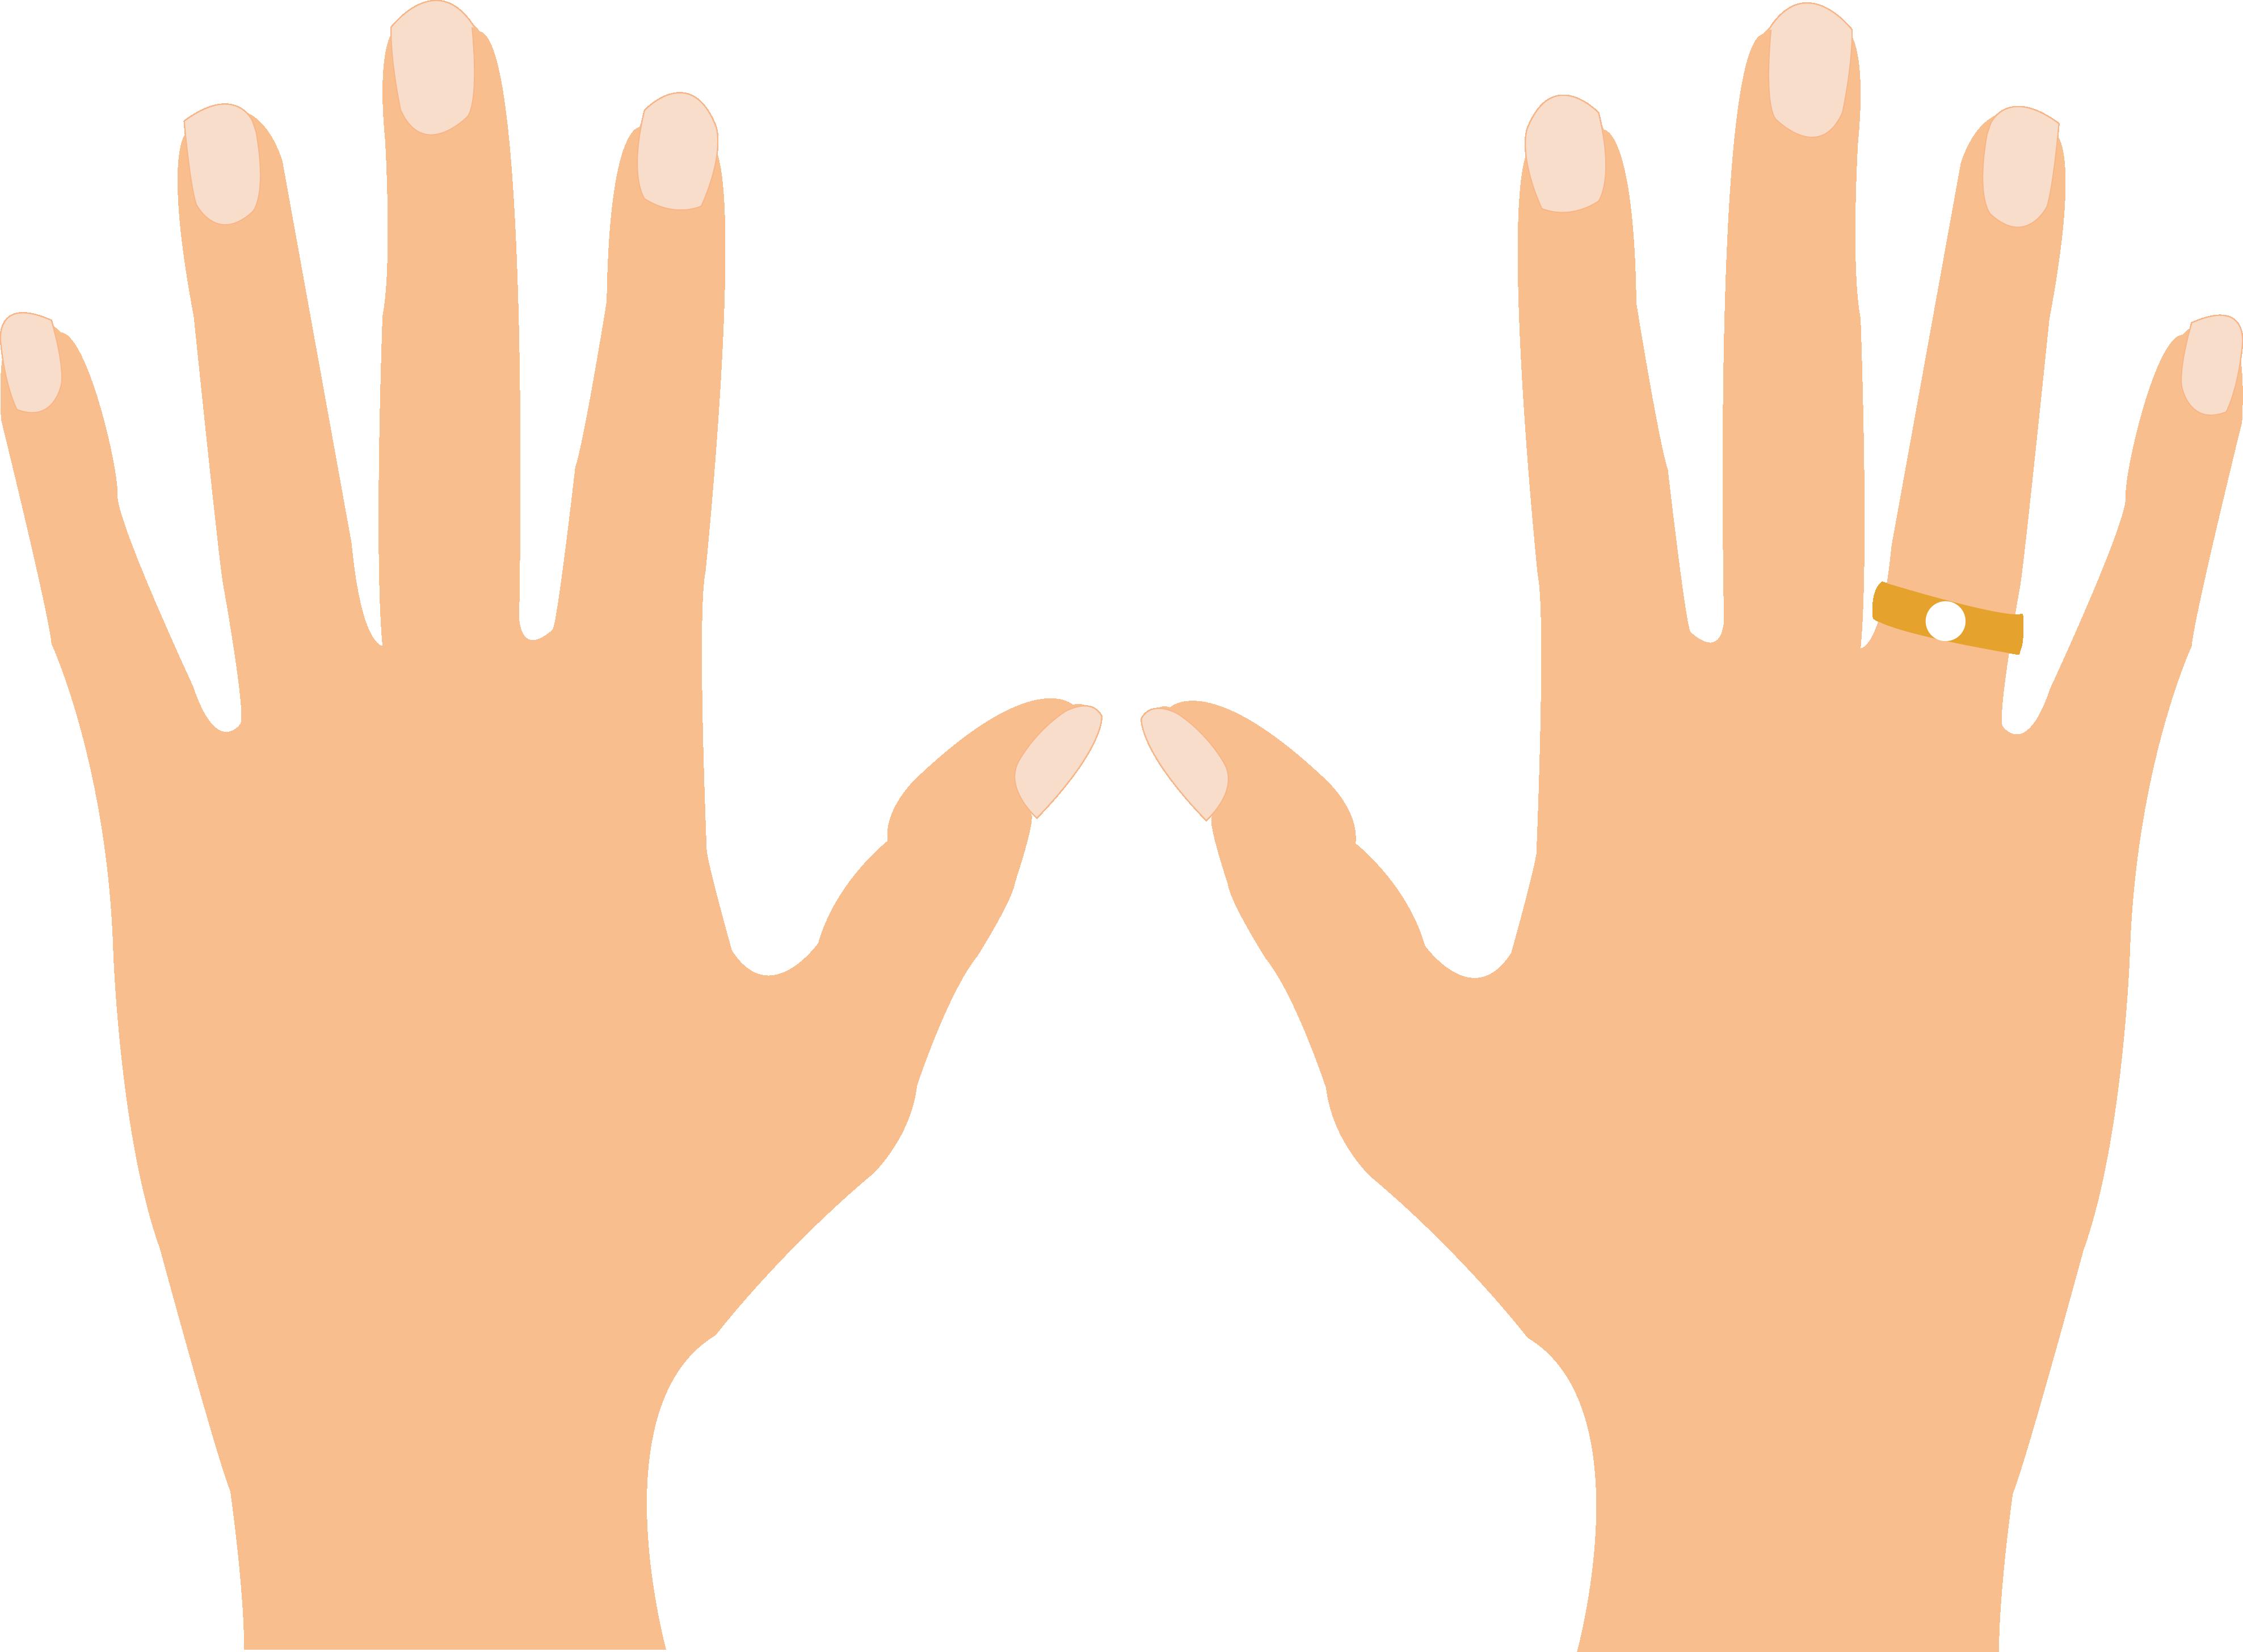 Verlobungsring welche Hand _ Verlobung USA _ 1